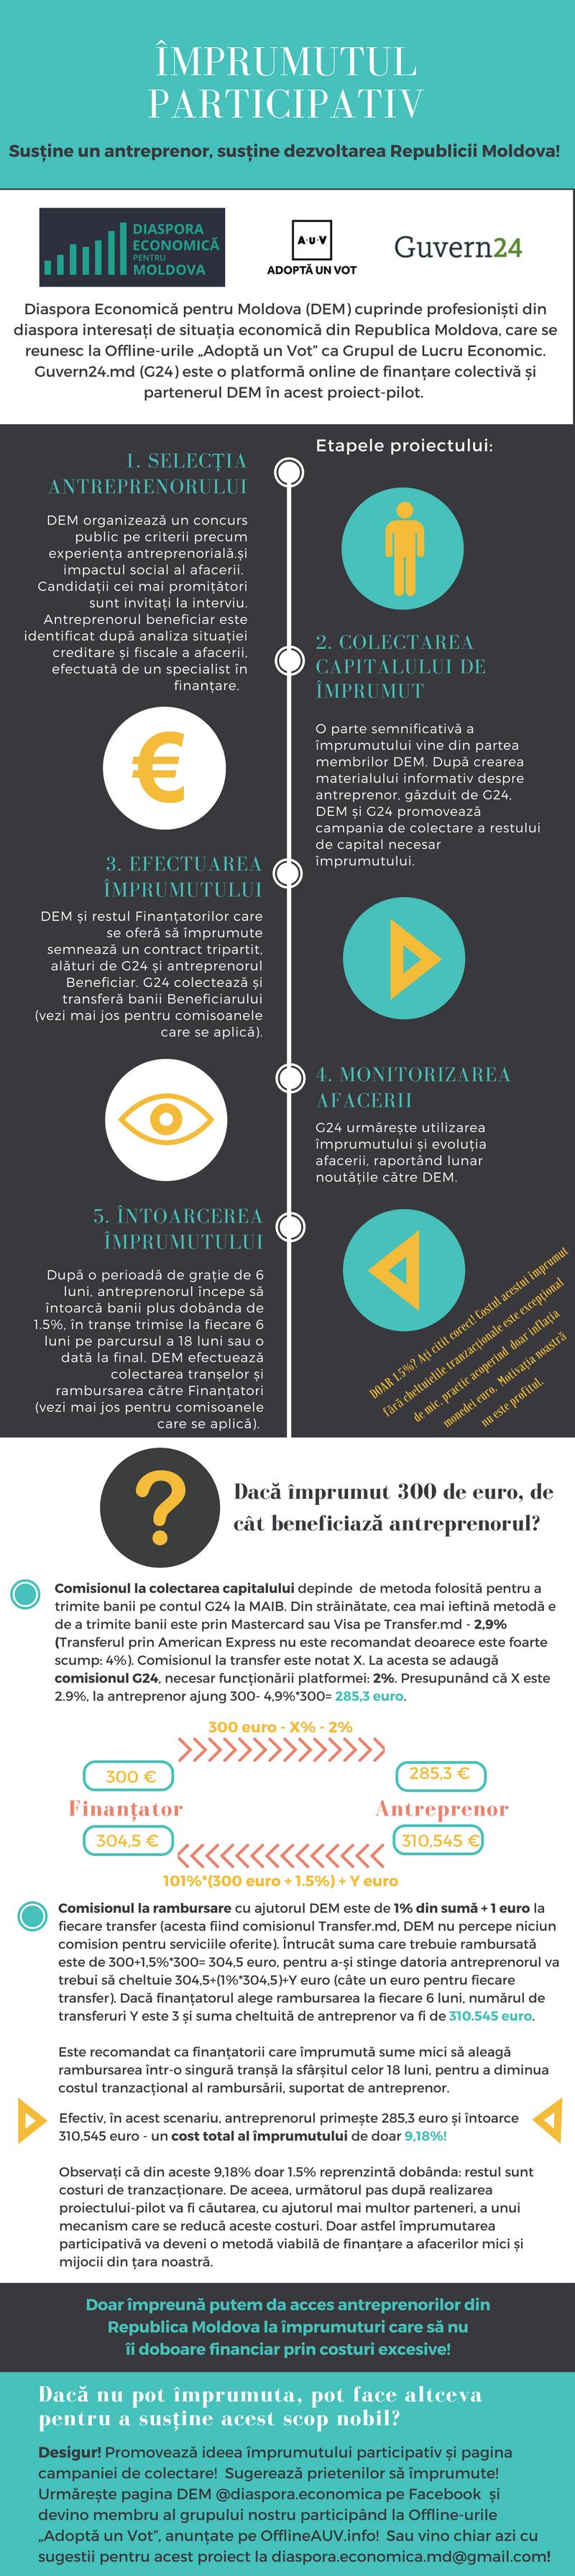 Împrumutul participativ - Infografic